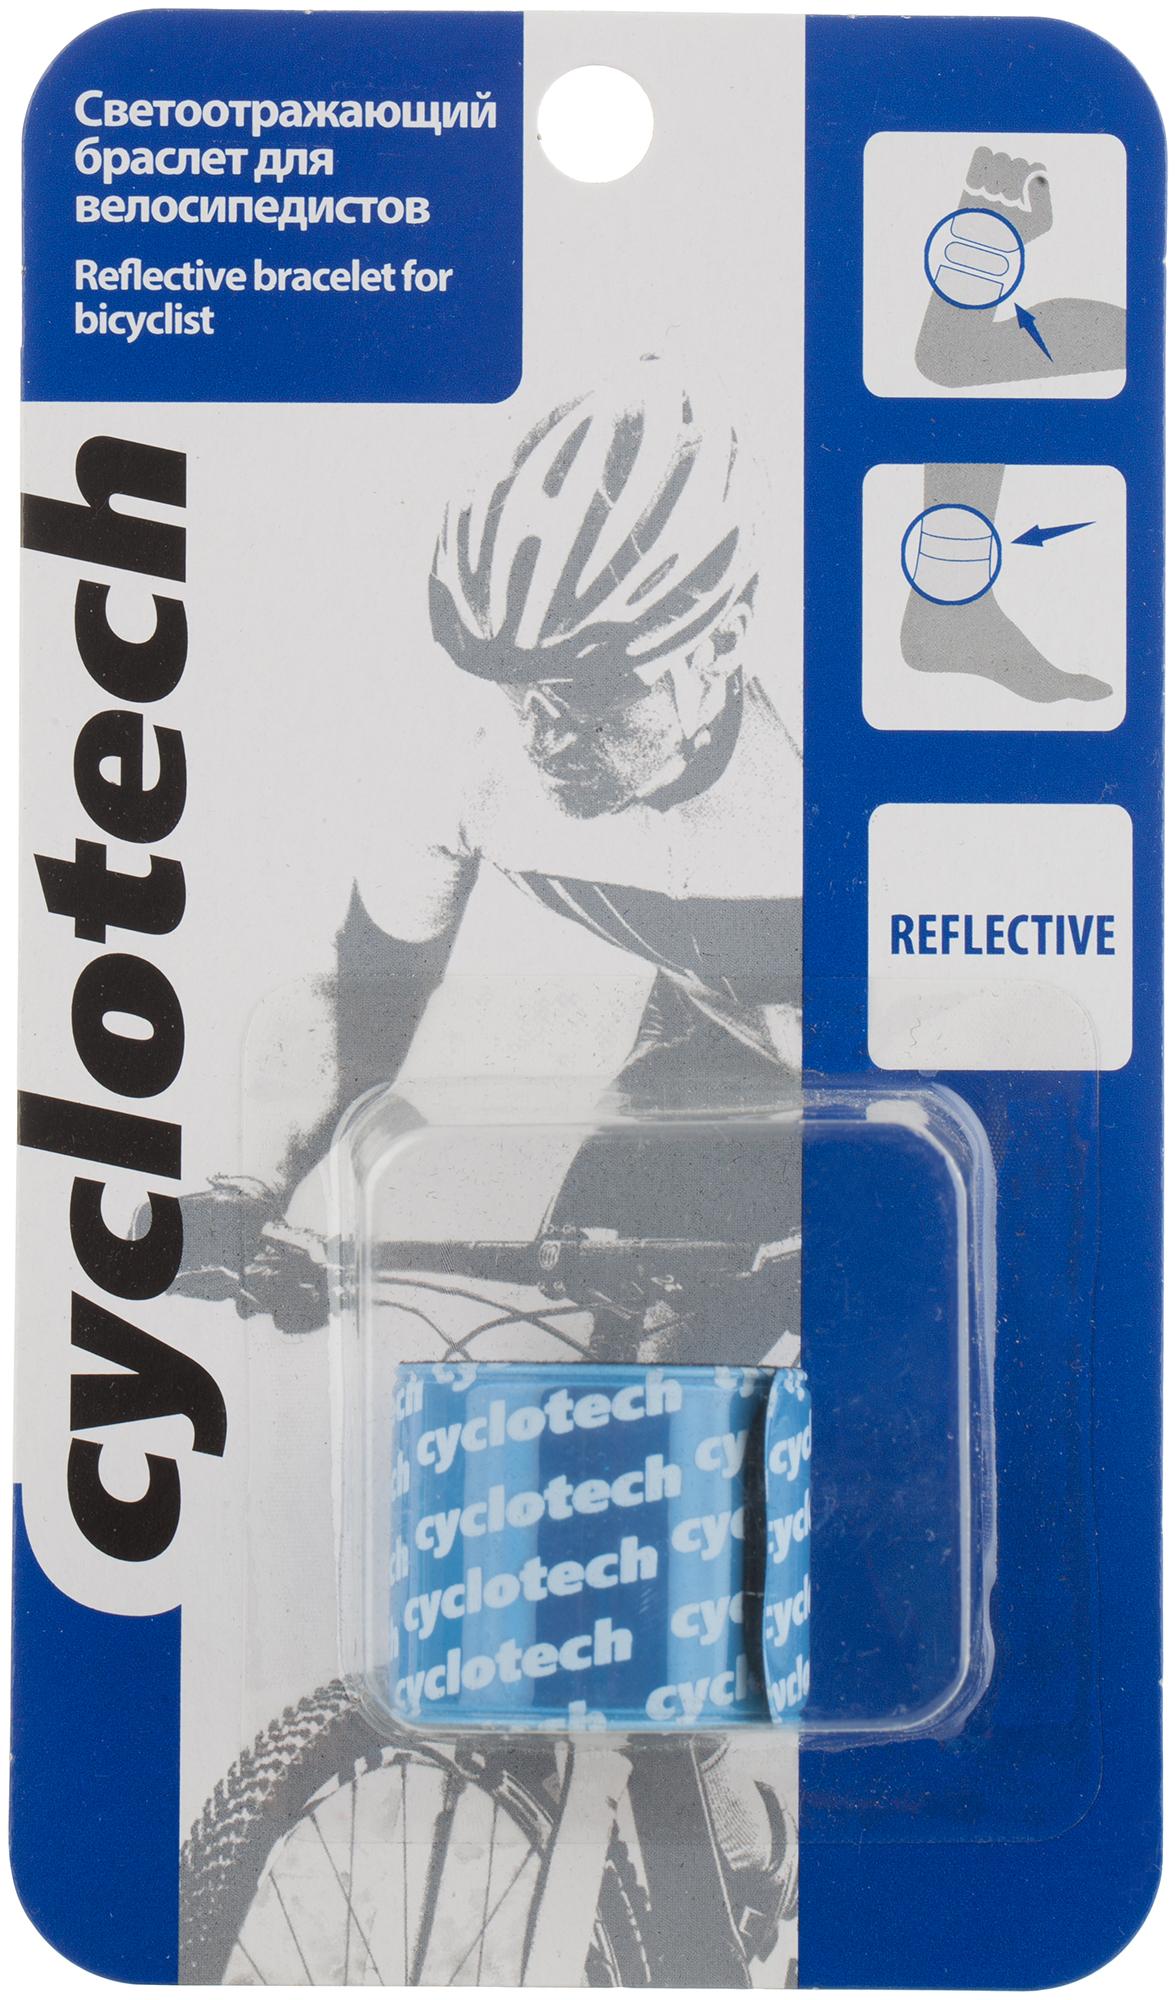 Cyclotech Светоотражающий браслет